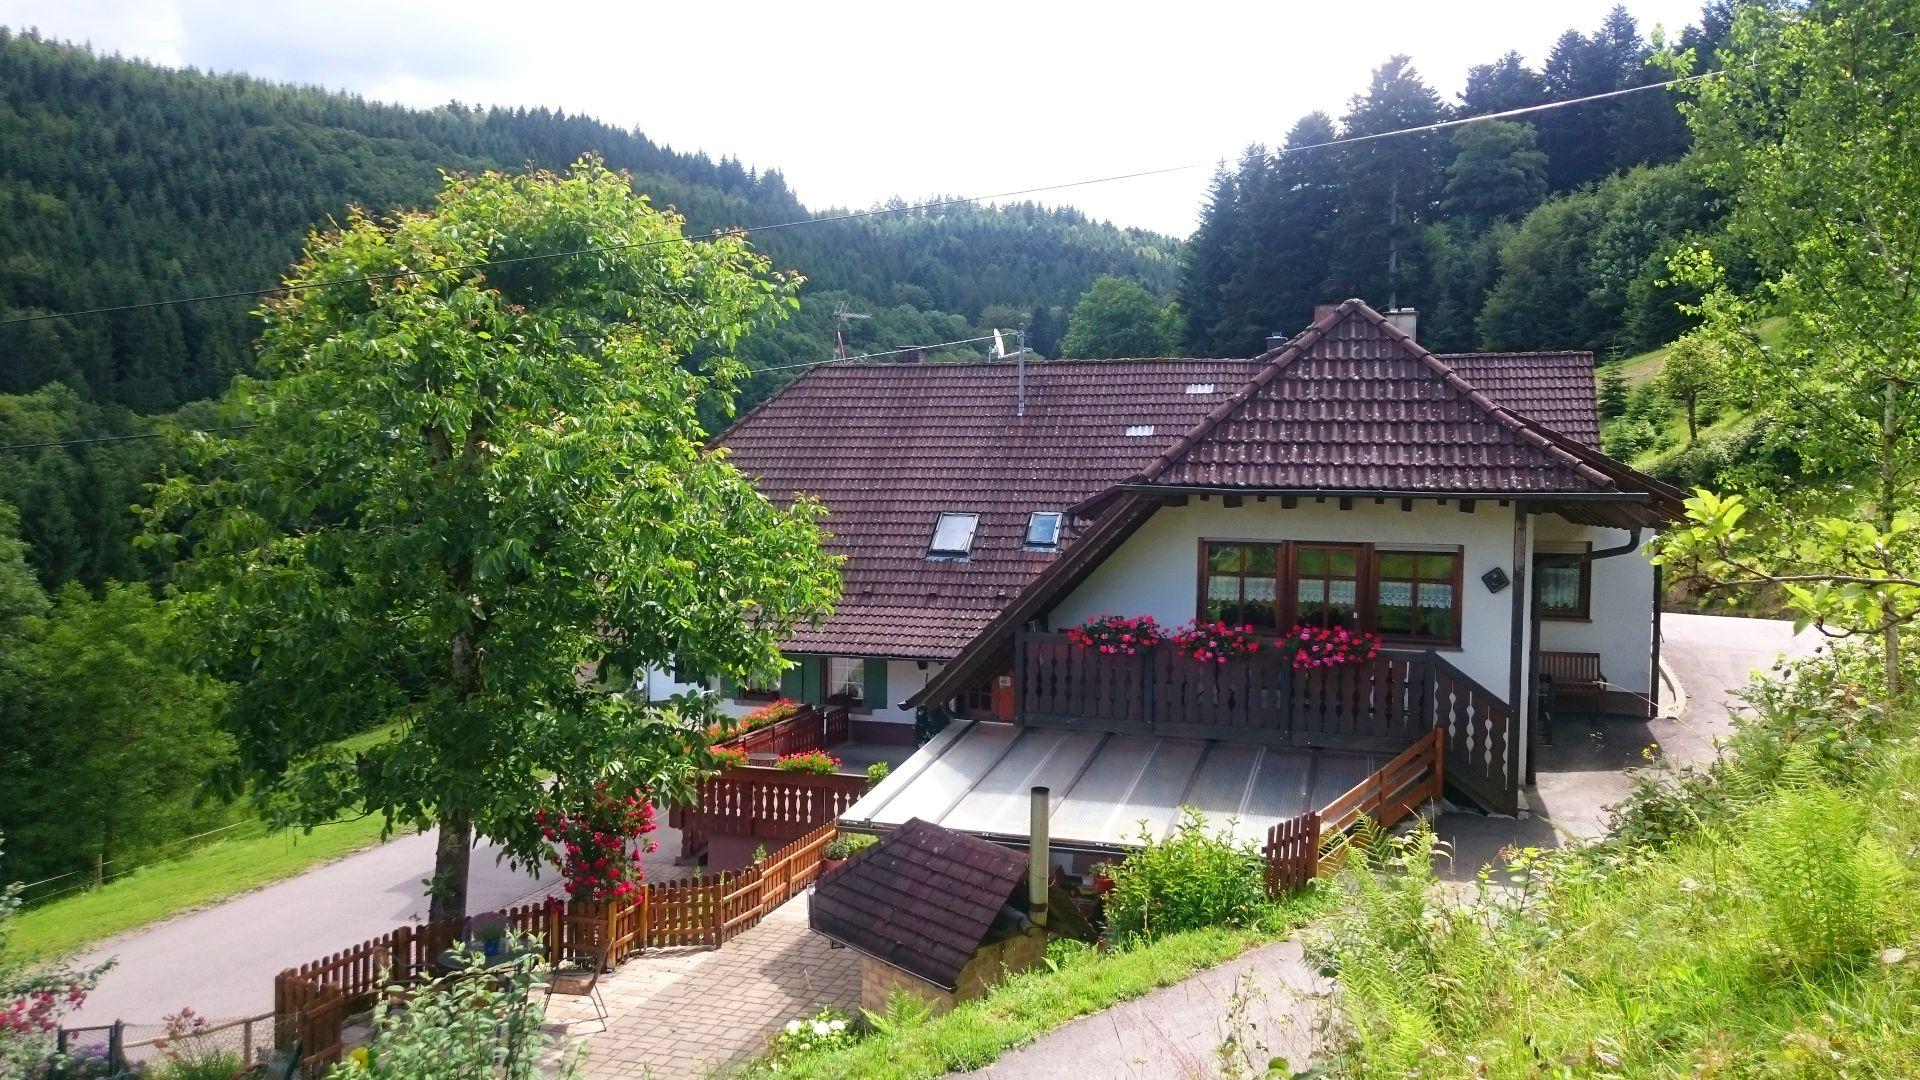 Der Wälderhof, die Ferienwohnung Balkonblick im oberen Stockwerk